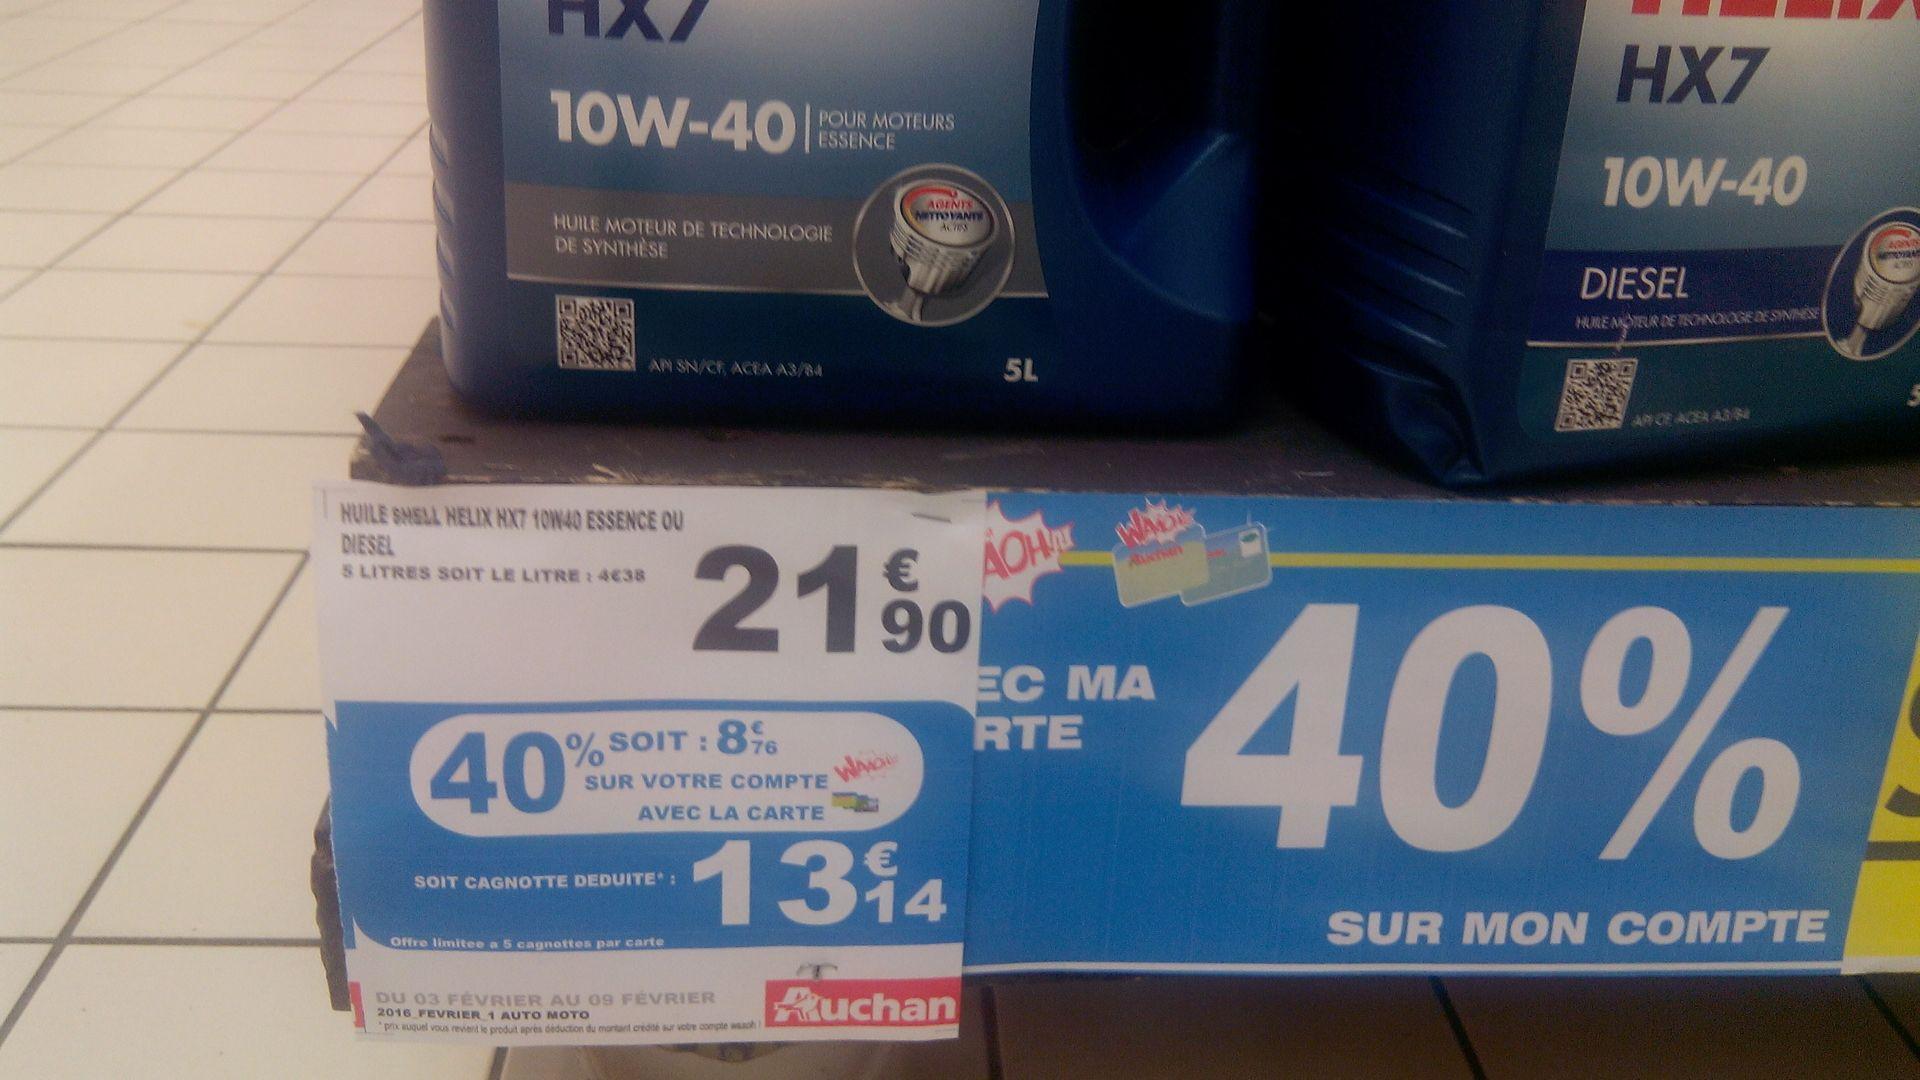 Huile Shell Helix 10W-40 (via 8.76€ sur carte Waaoh)